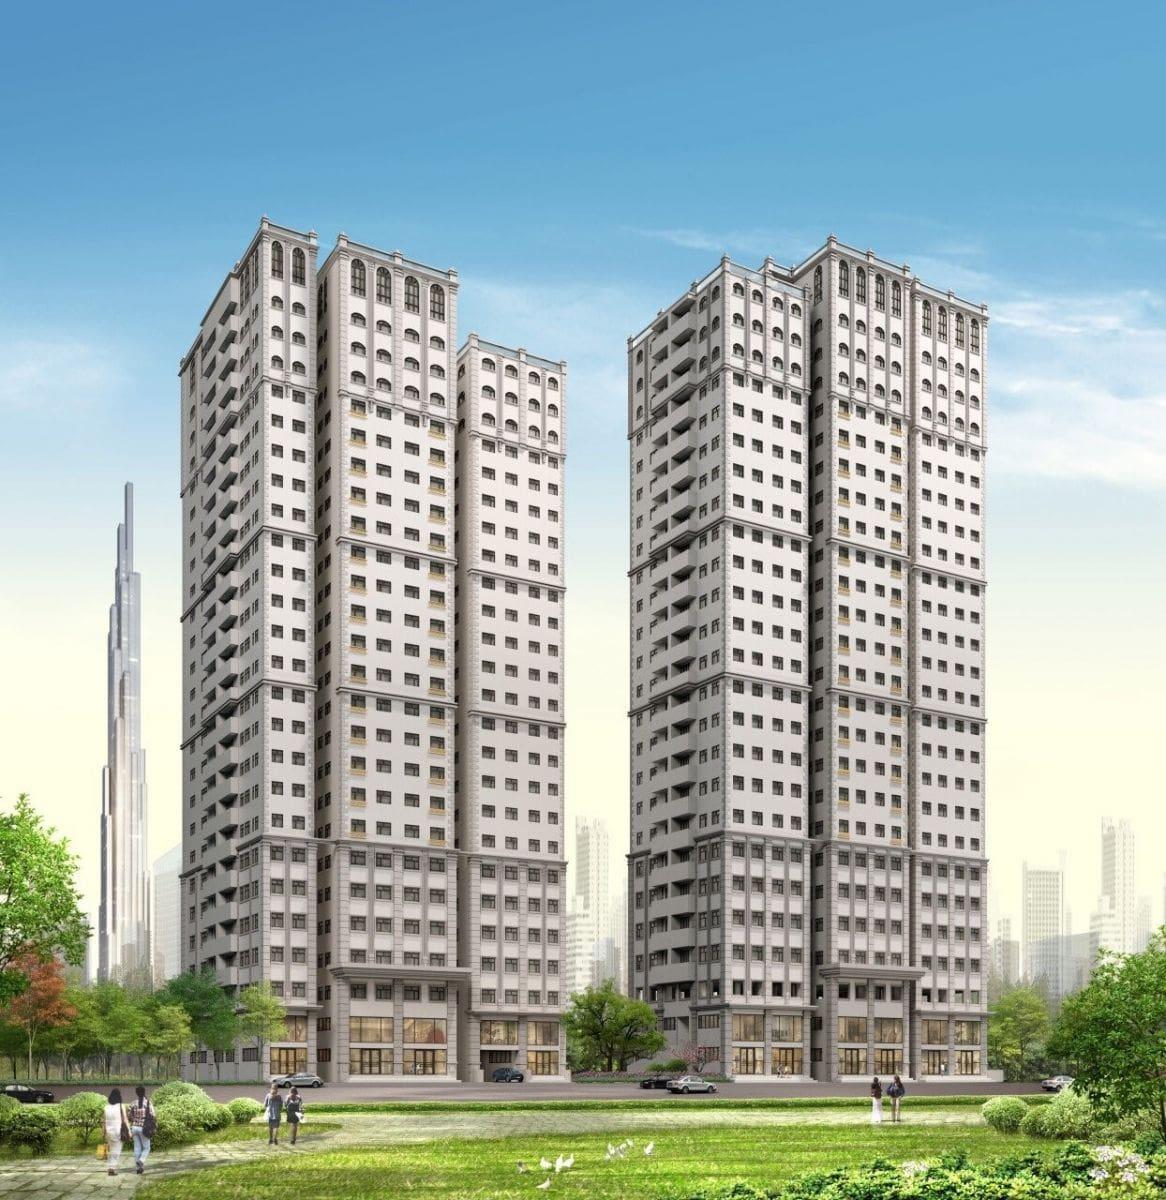 du an paris hoang kim 25 1 - Dự án căn hộ Paris Hoàng Kim Quận 2